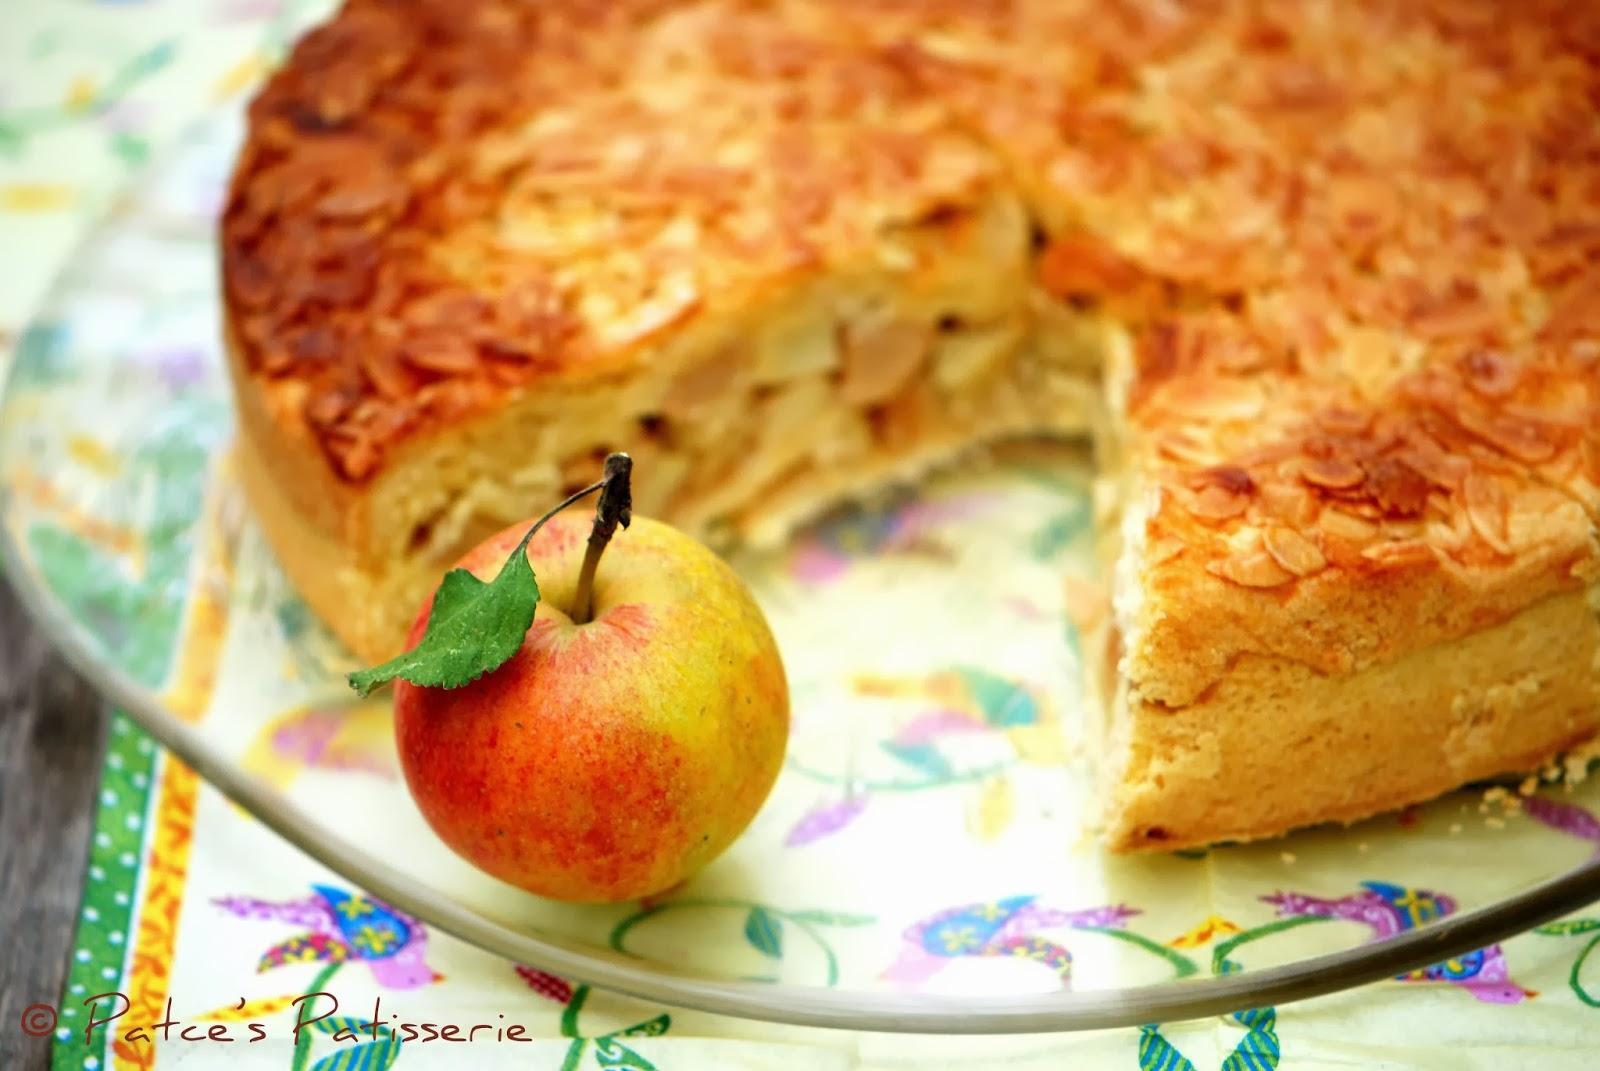 Patces Patisserie Florentiner Apfel Torte Der Beste Apfelkuchen